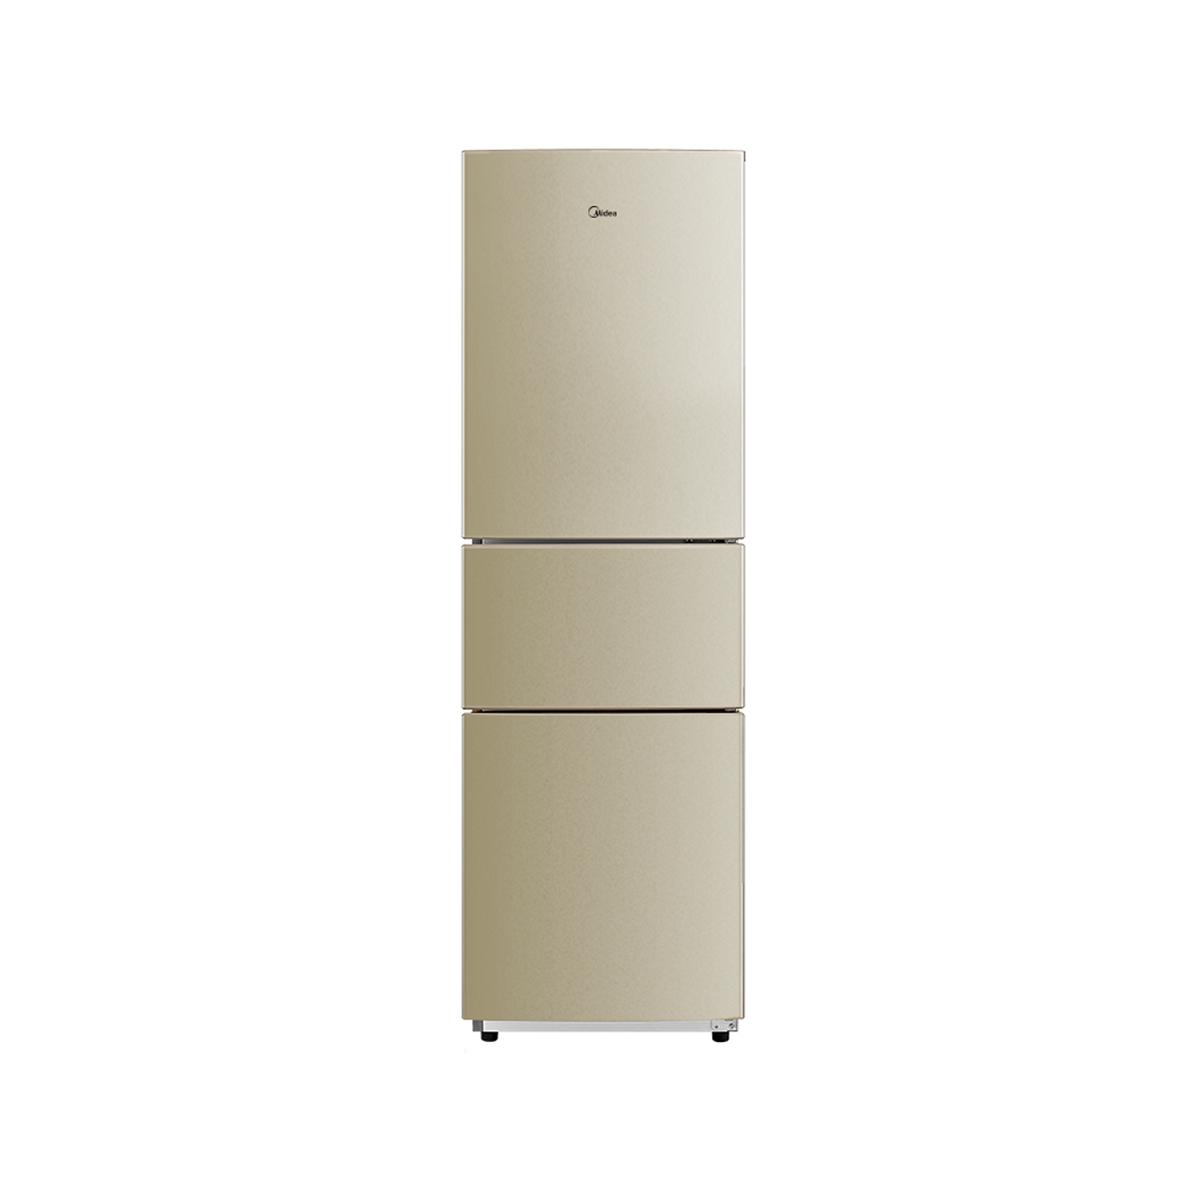 Midea/美的 BCD-215WTM冰箱 说明书.pdf